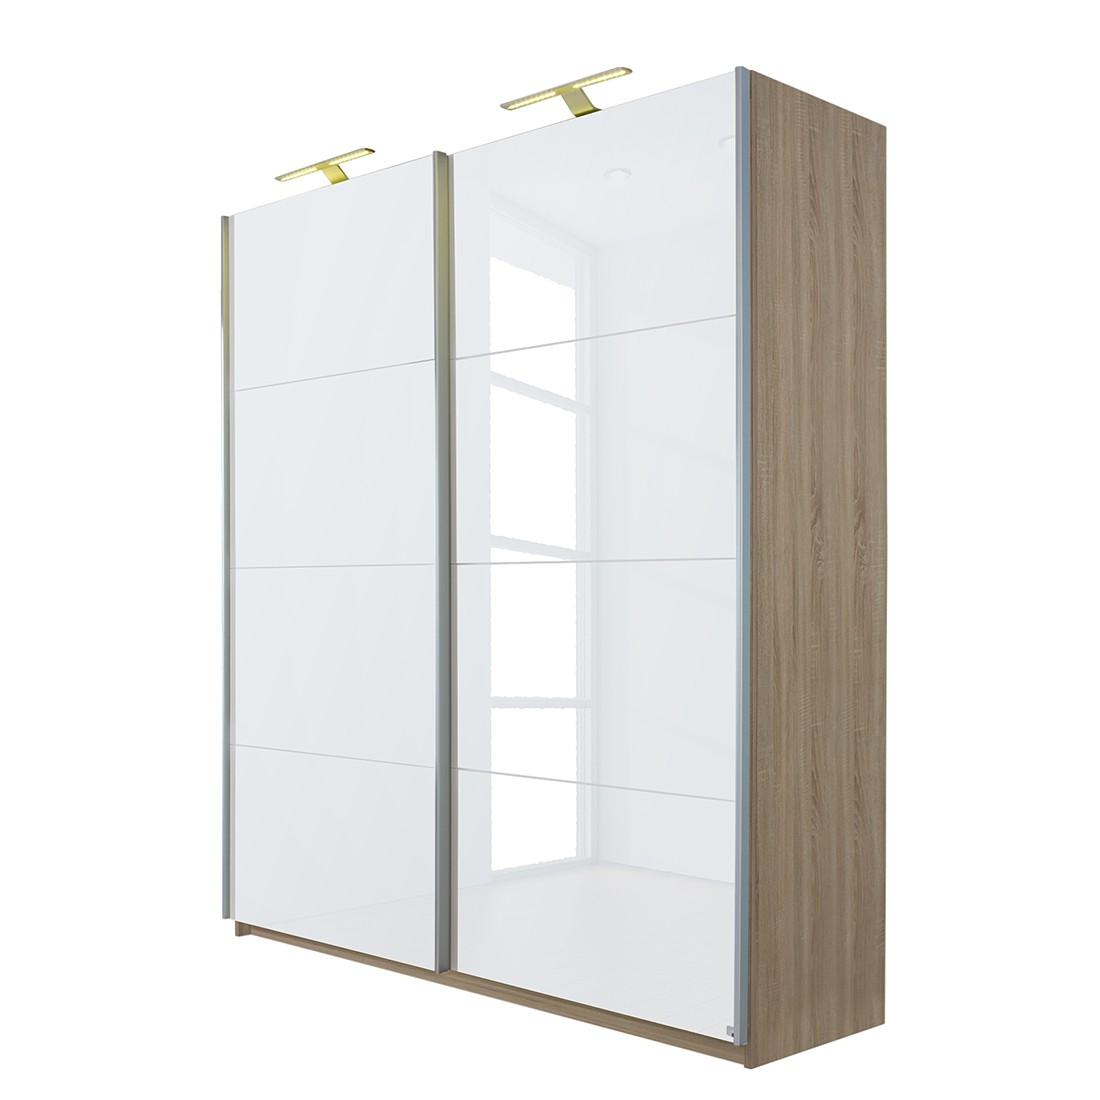 goedkoop Schuifdeurkast Beluga hoogglans wit Sonoma eikenhouten look 270cm 2 deurs 236cm Rauch Select